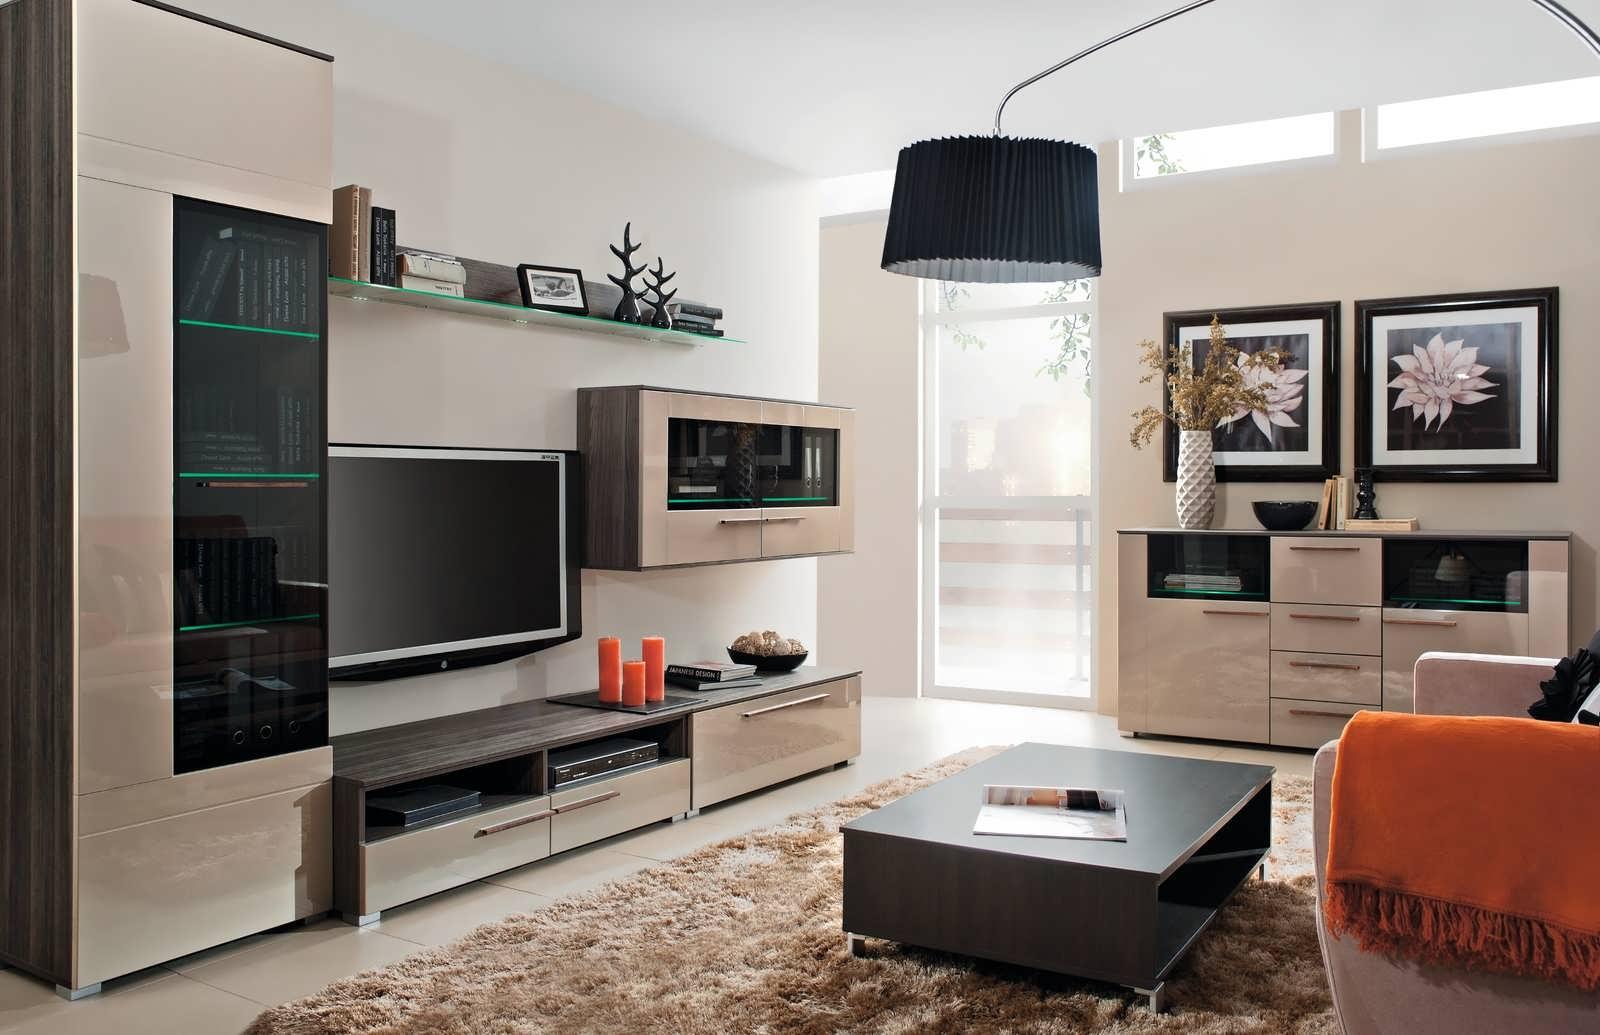 Мебель стенки горки в интерьере гостиной фото